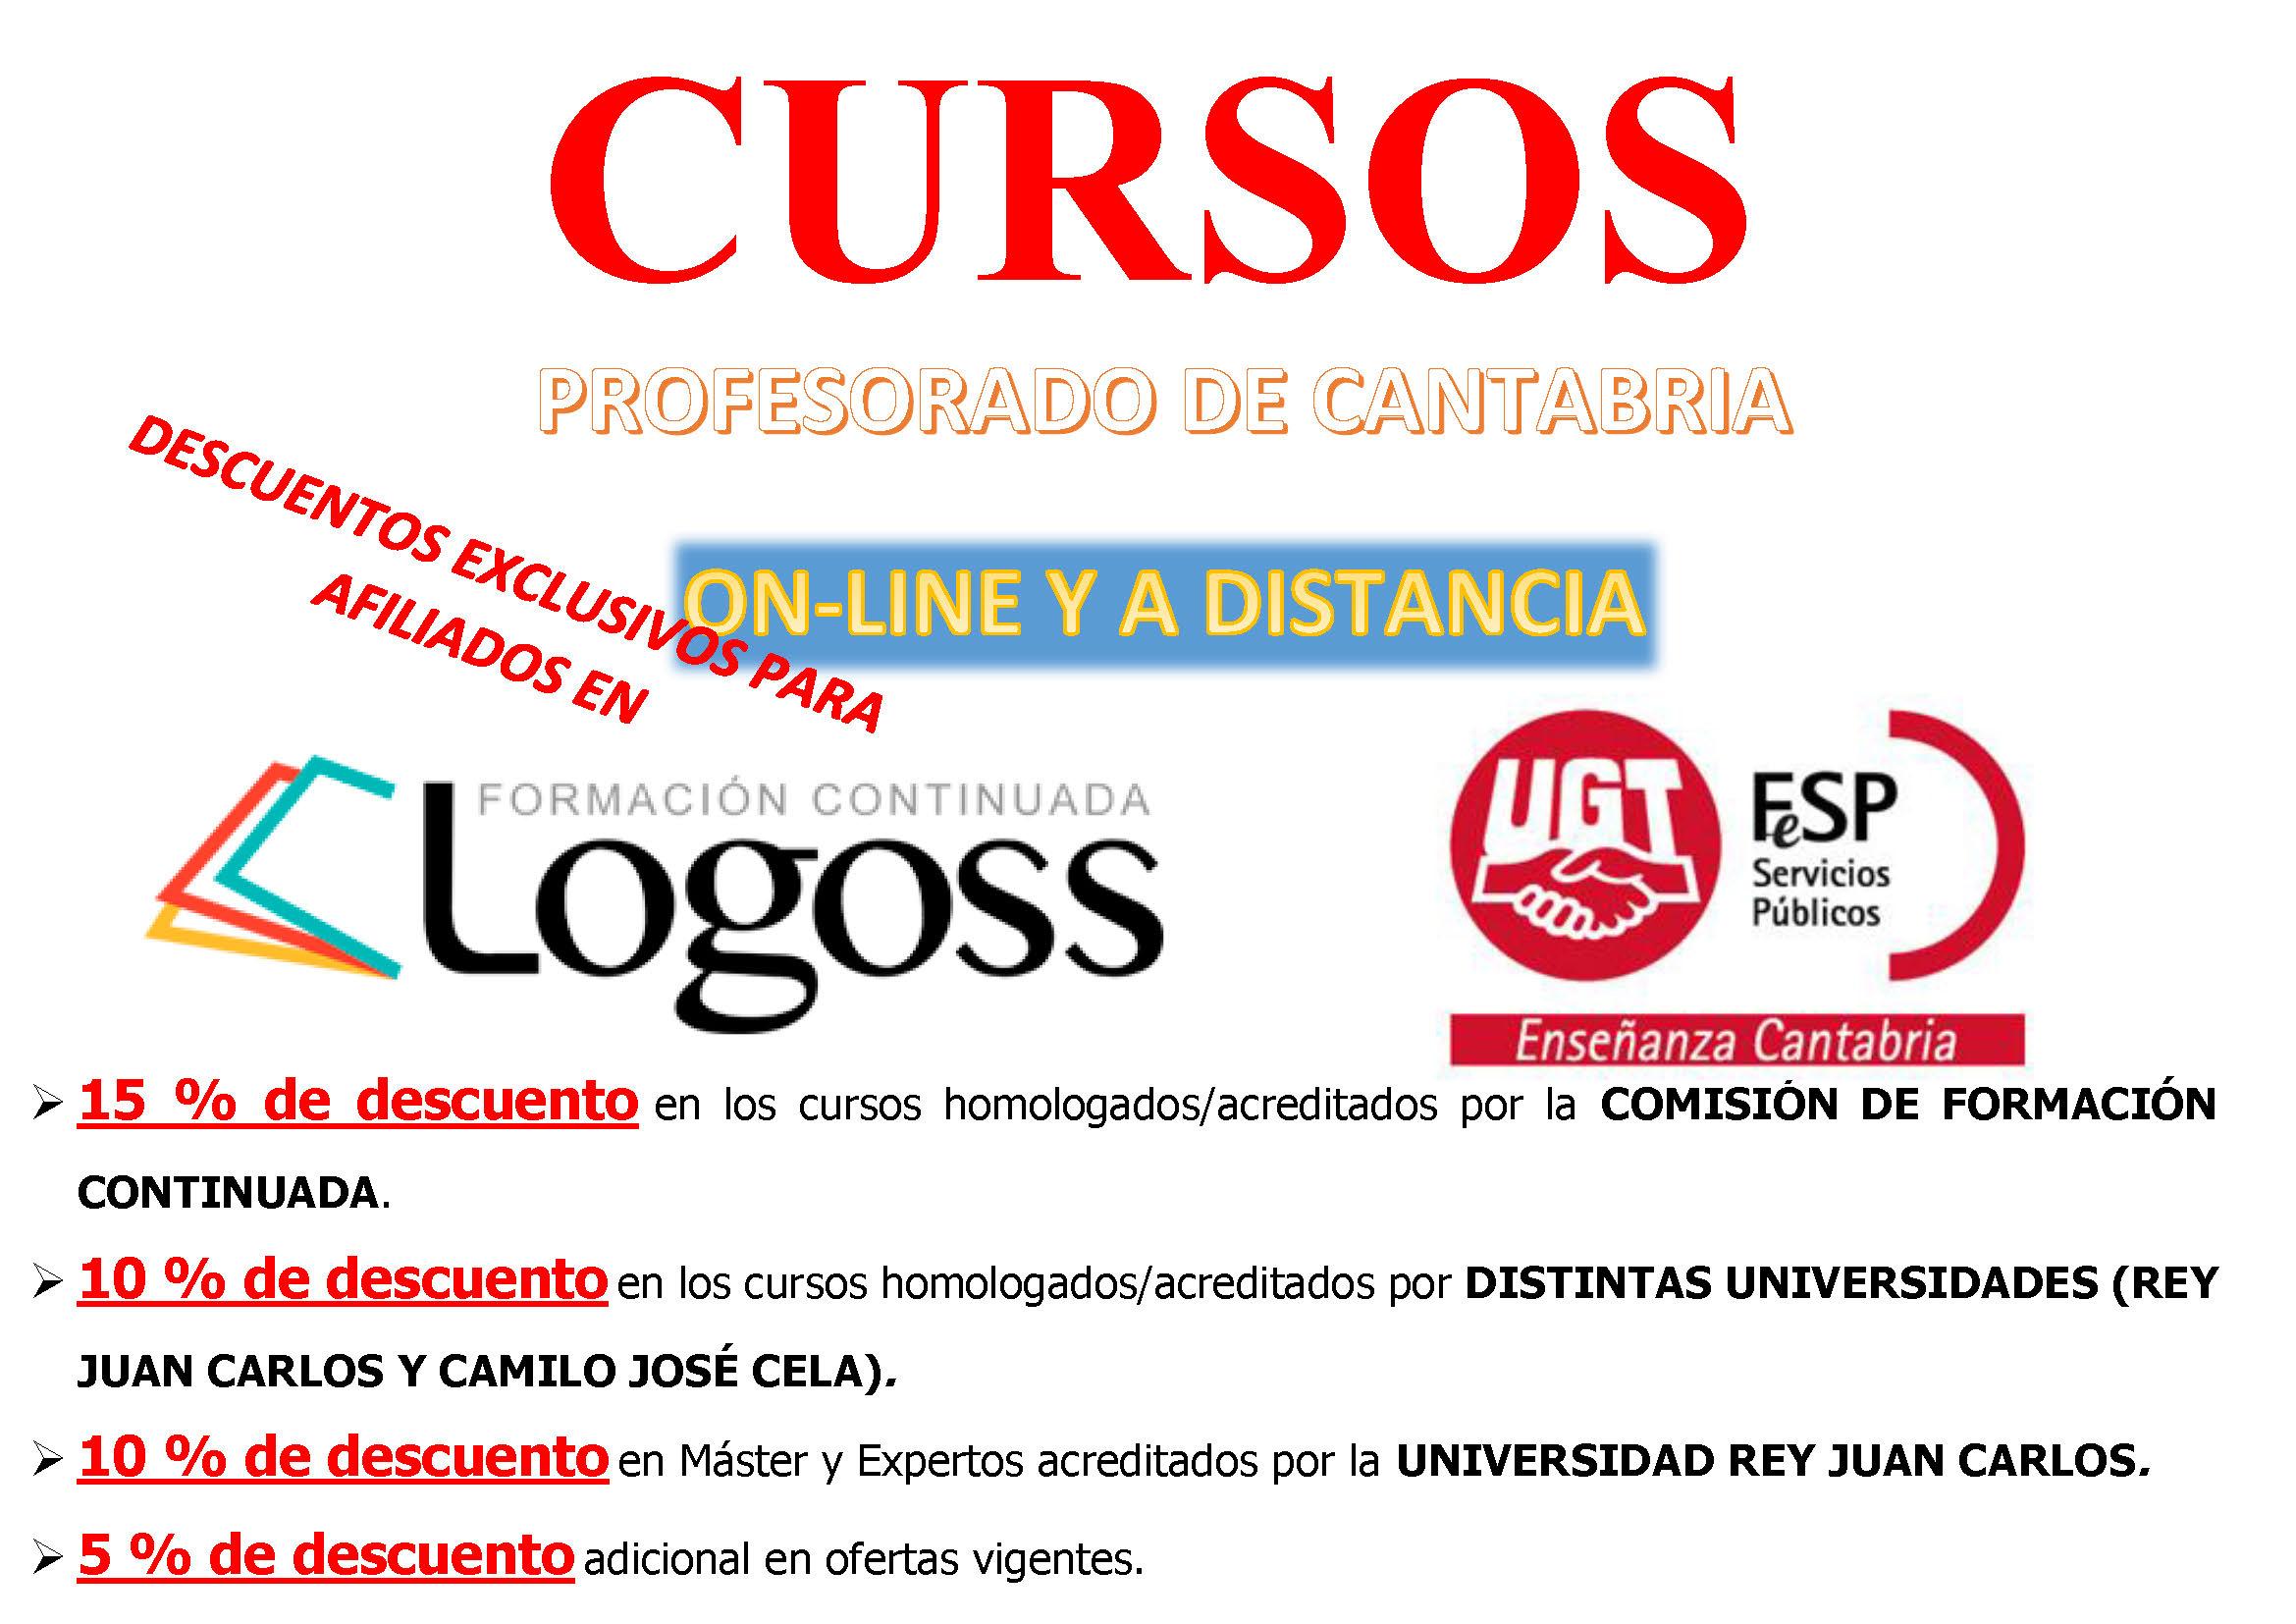 Cartel Cursos Horizontal Ugt Ensenanza Cantabria